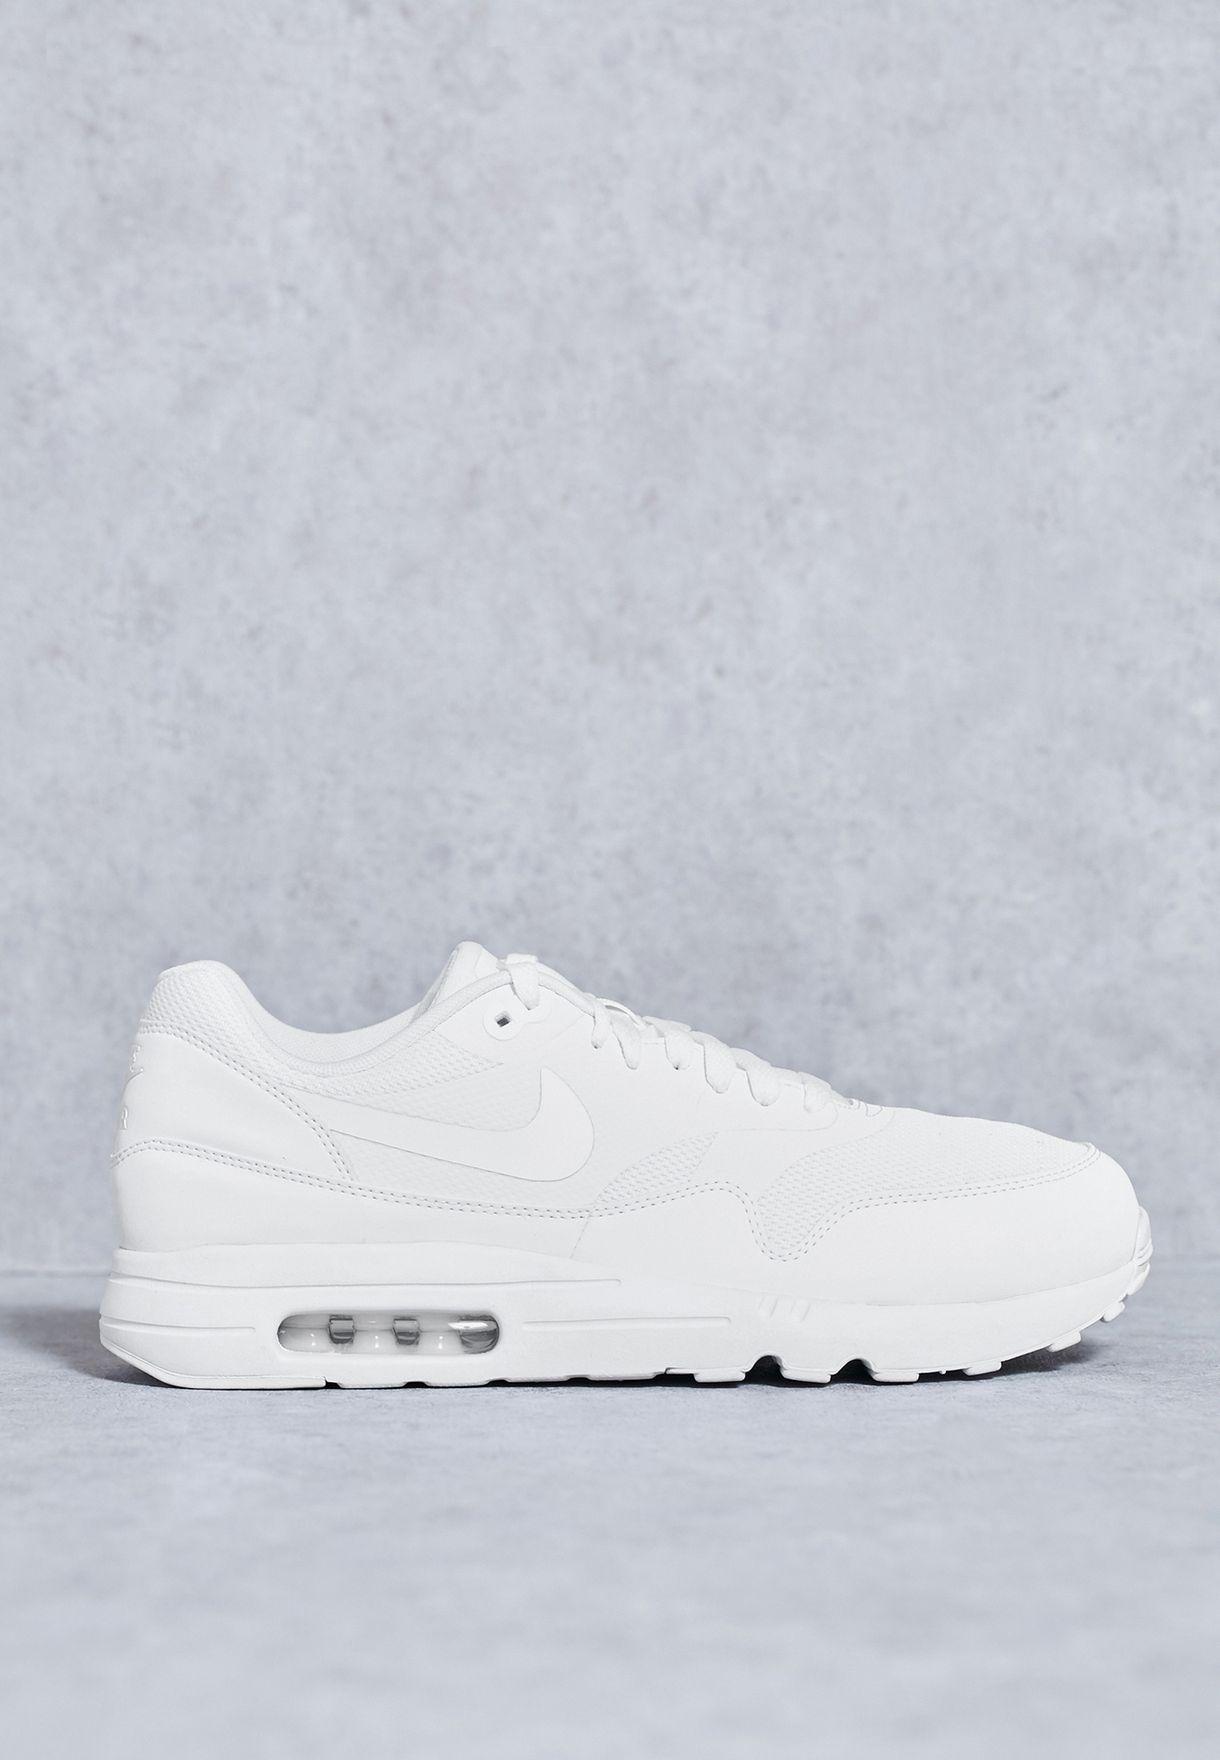 Air Max 1 Ultra 2.0 White 875679 100